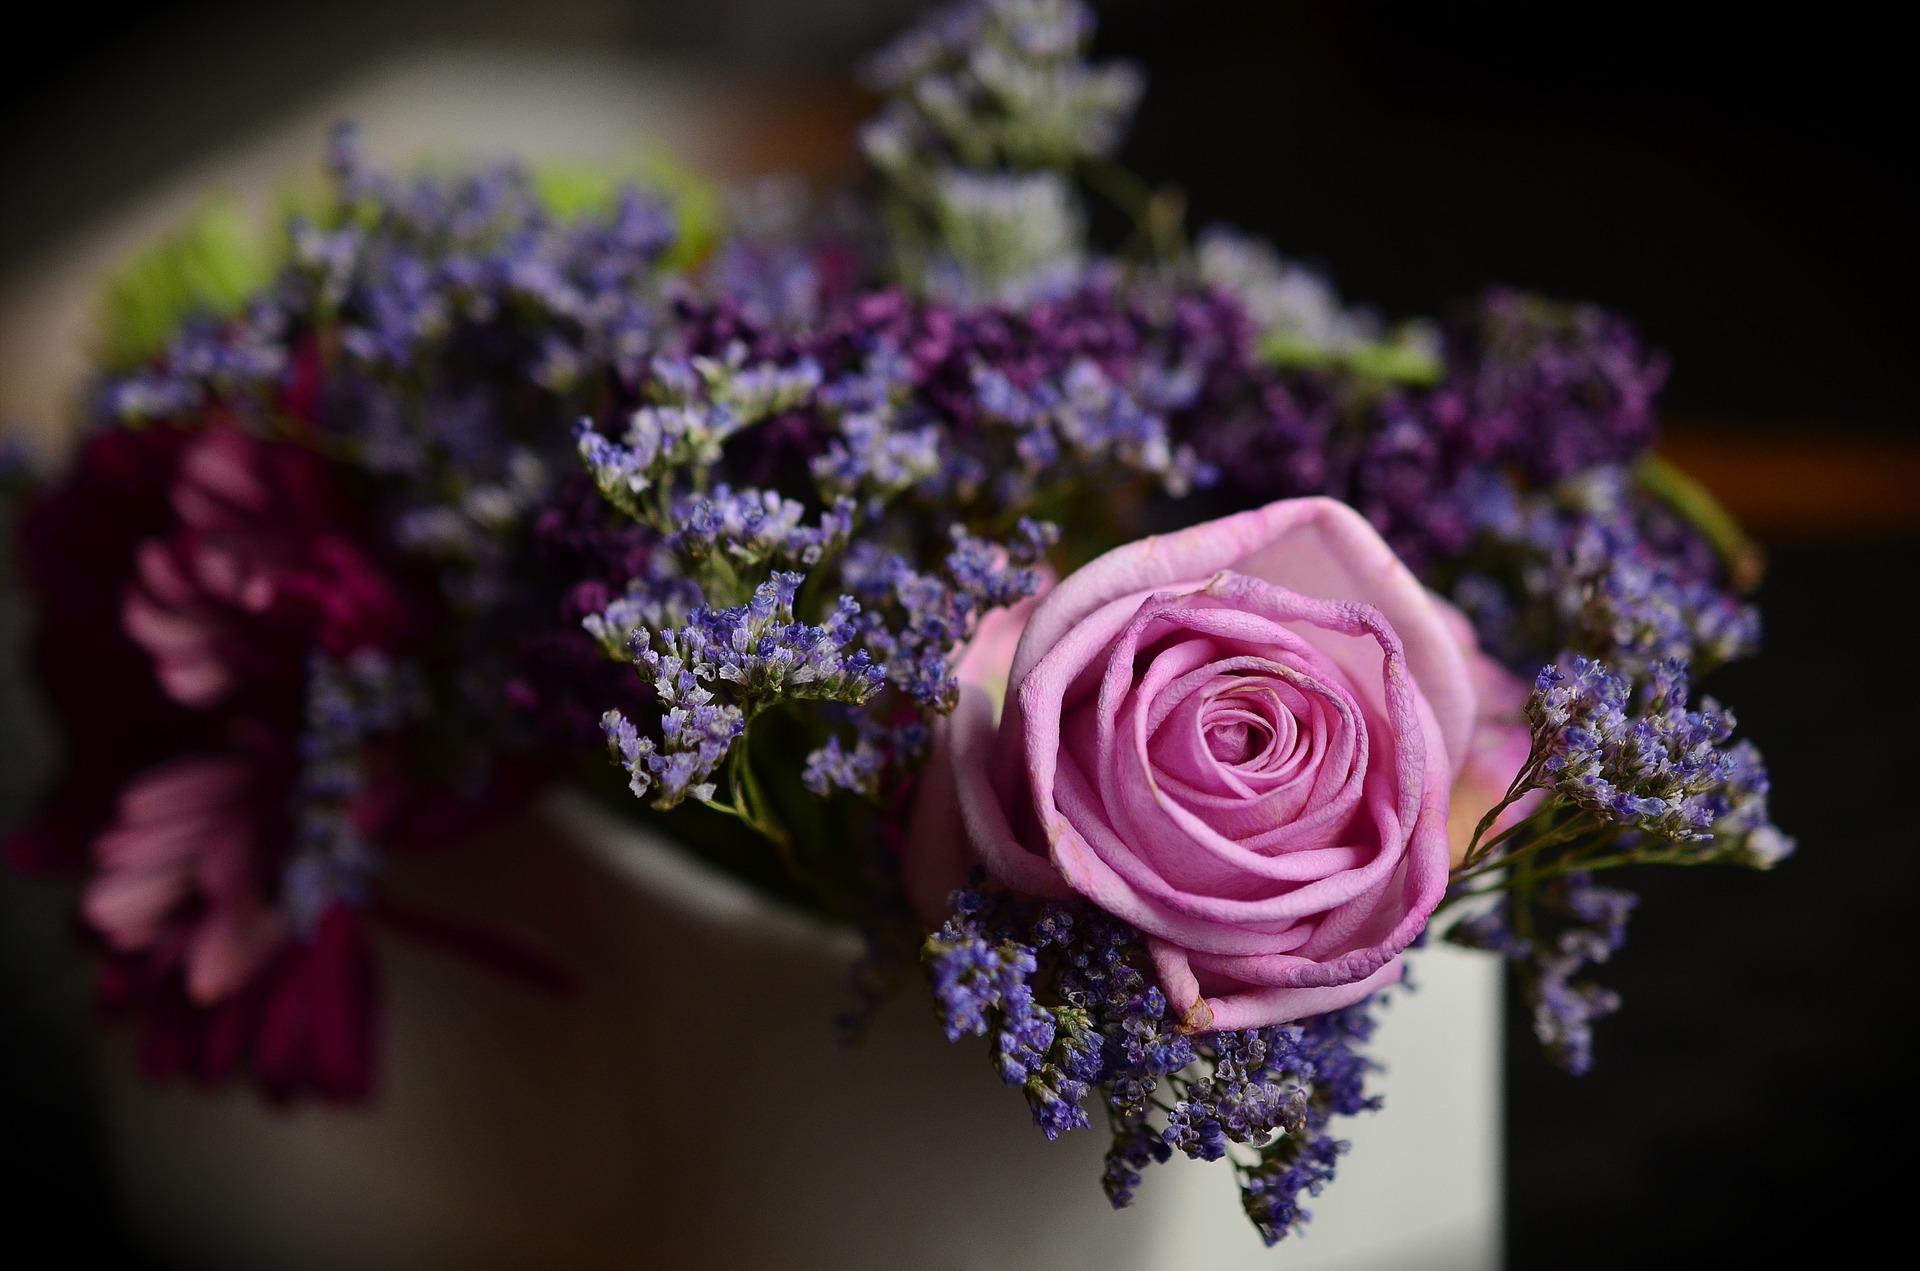 rose-1405552_1920